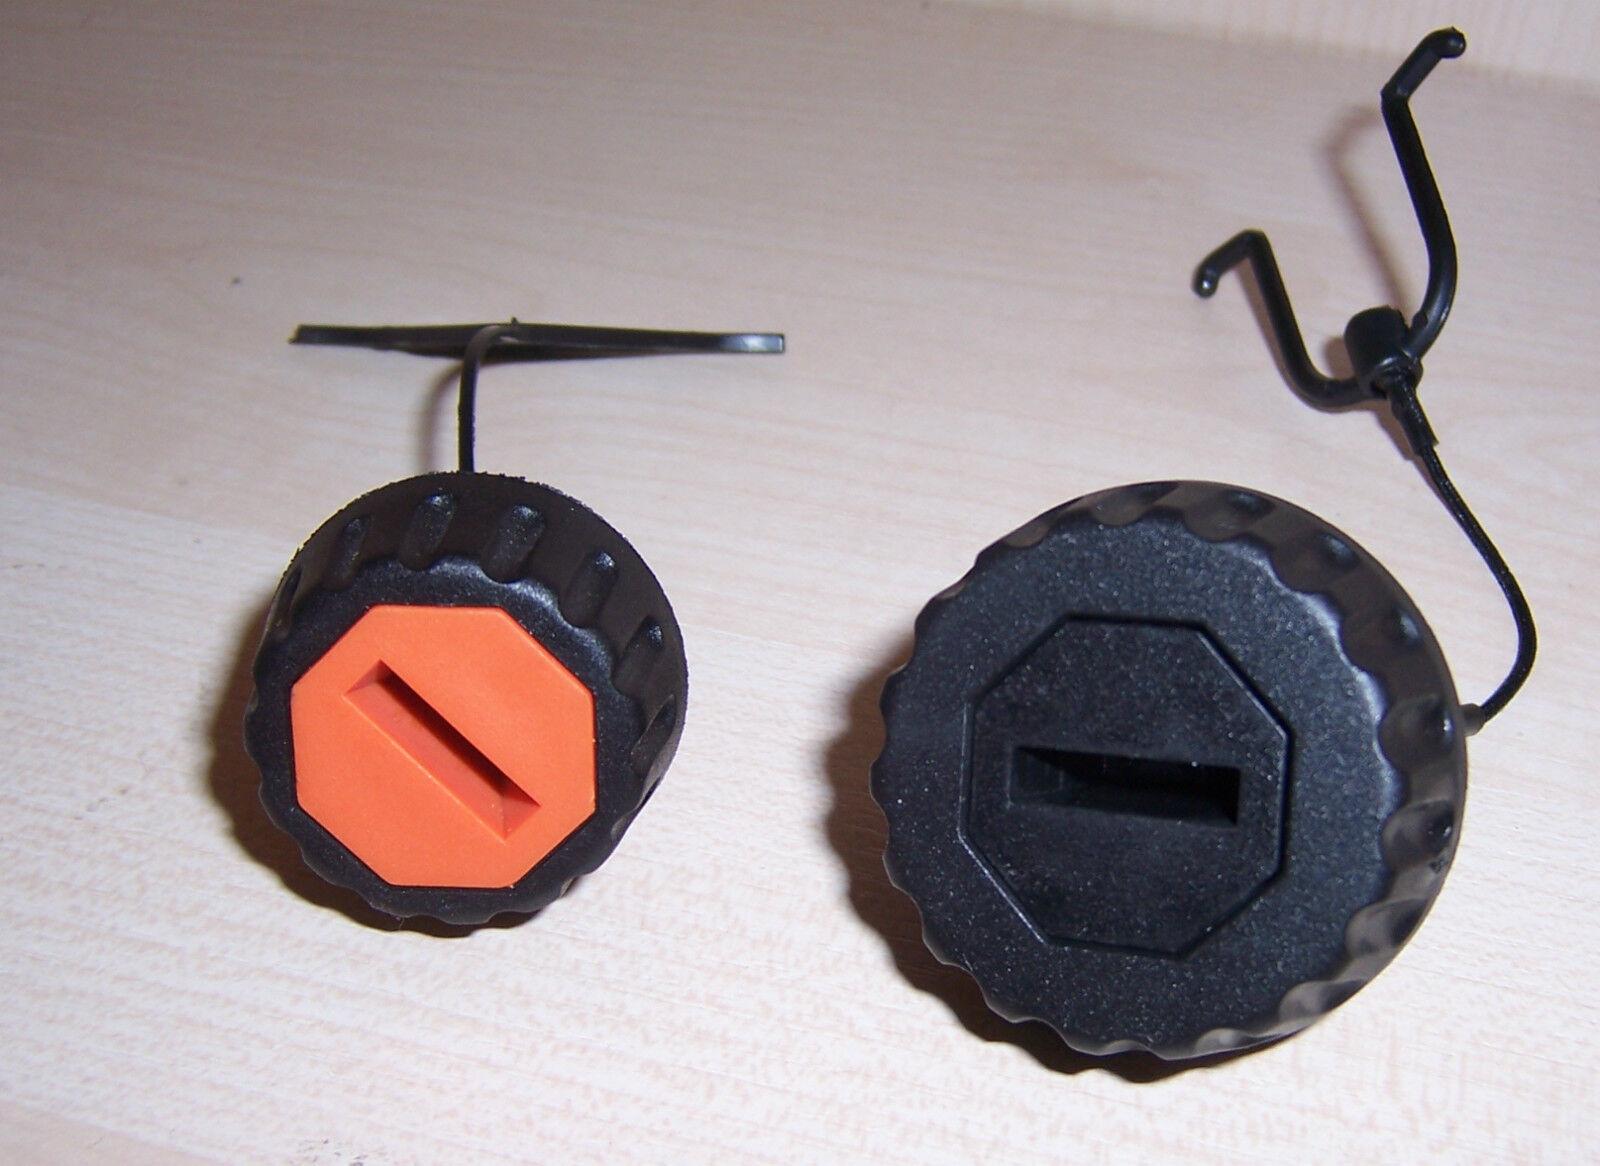 Kettenraddeckel passend Stihl 028av 038av motorsäge kettensäge neu